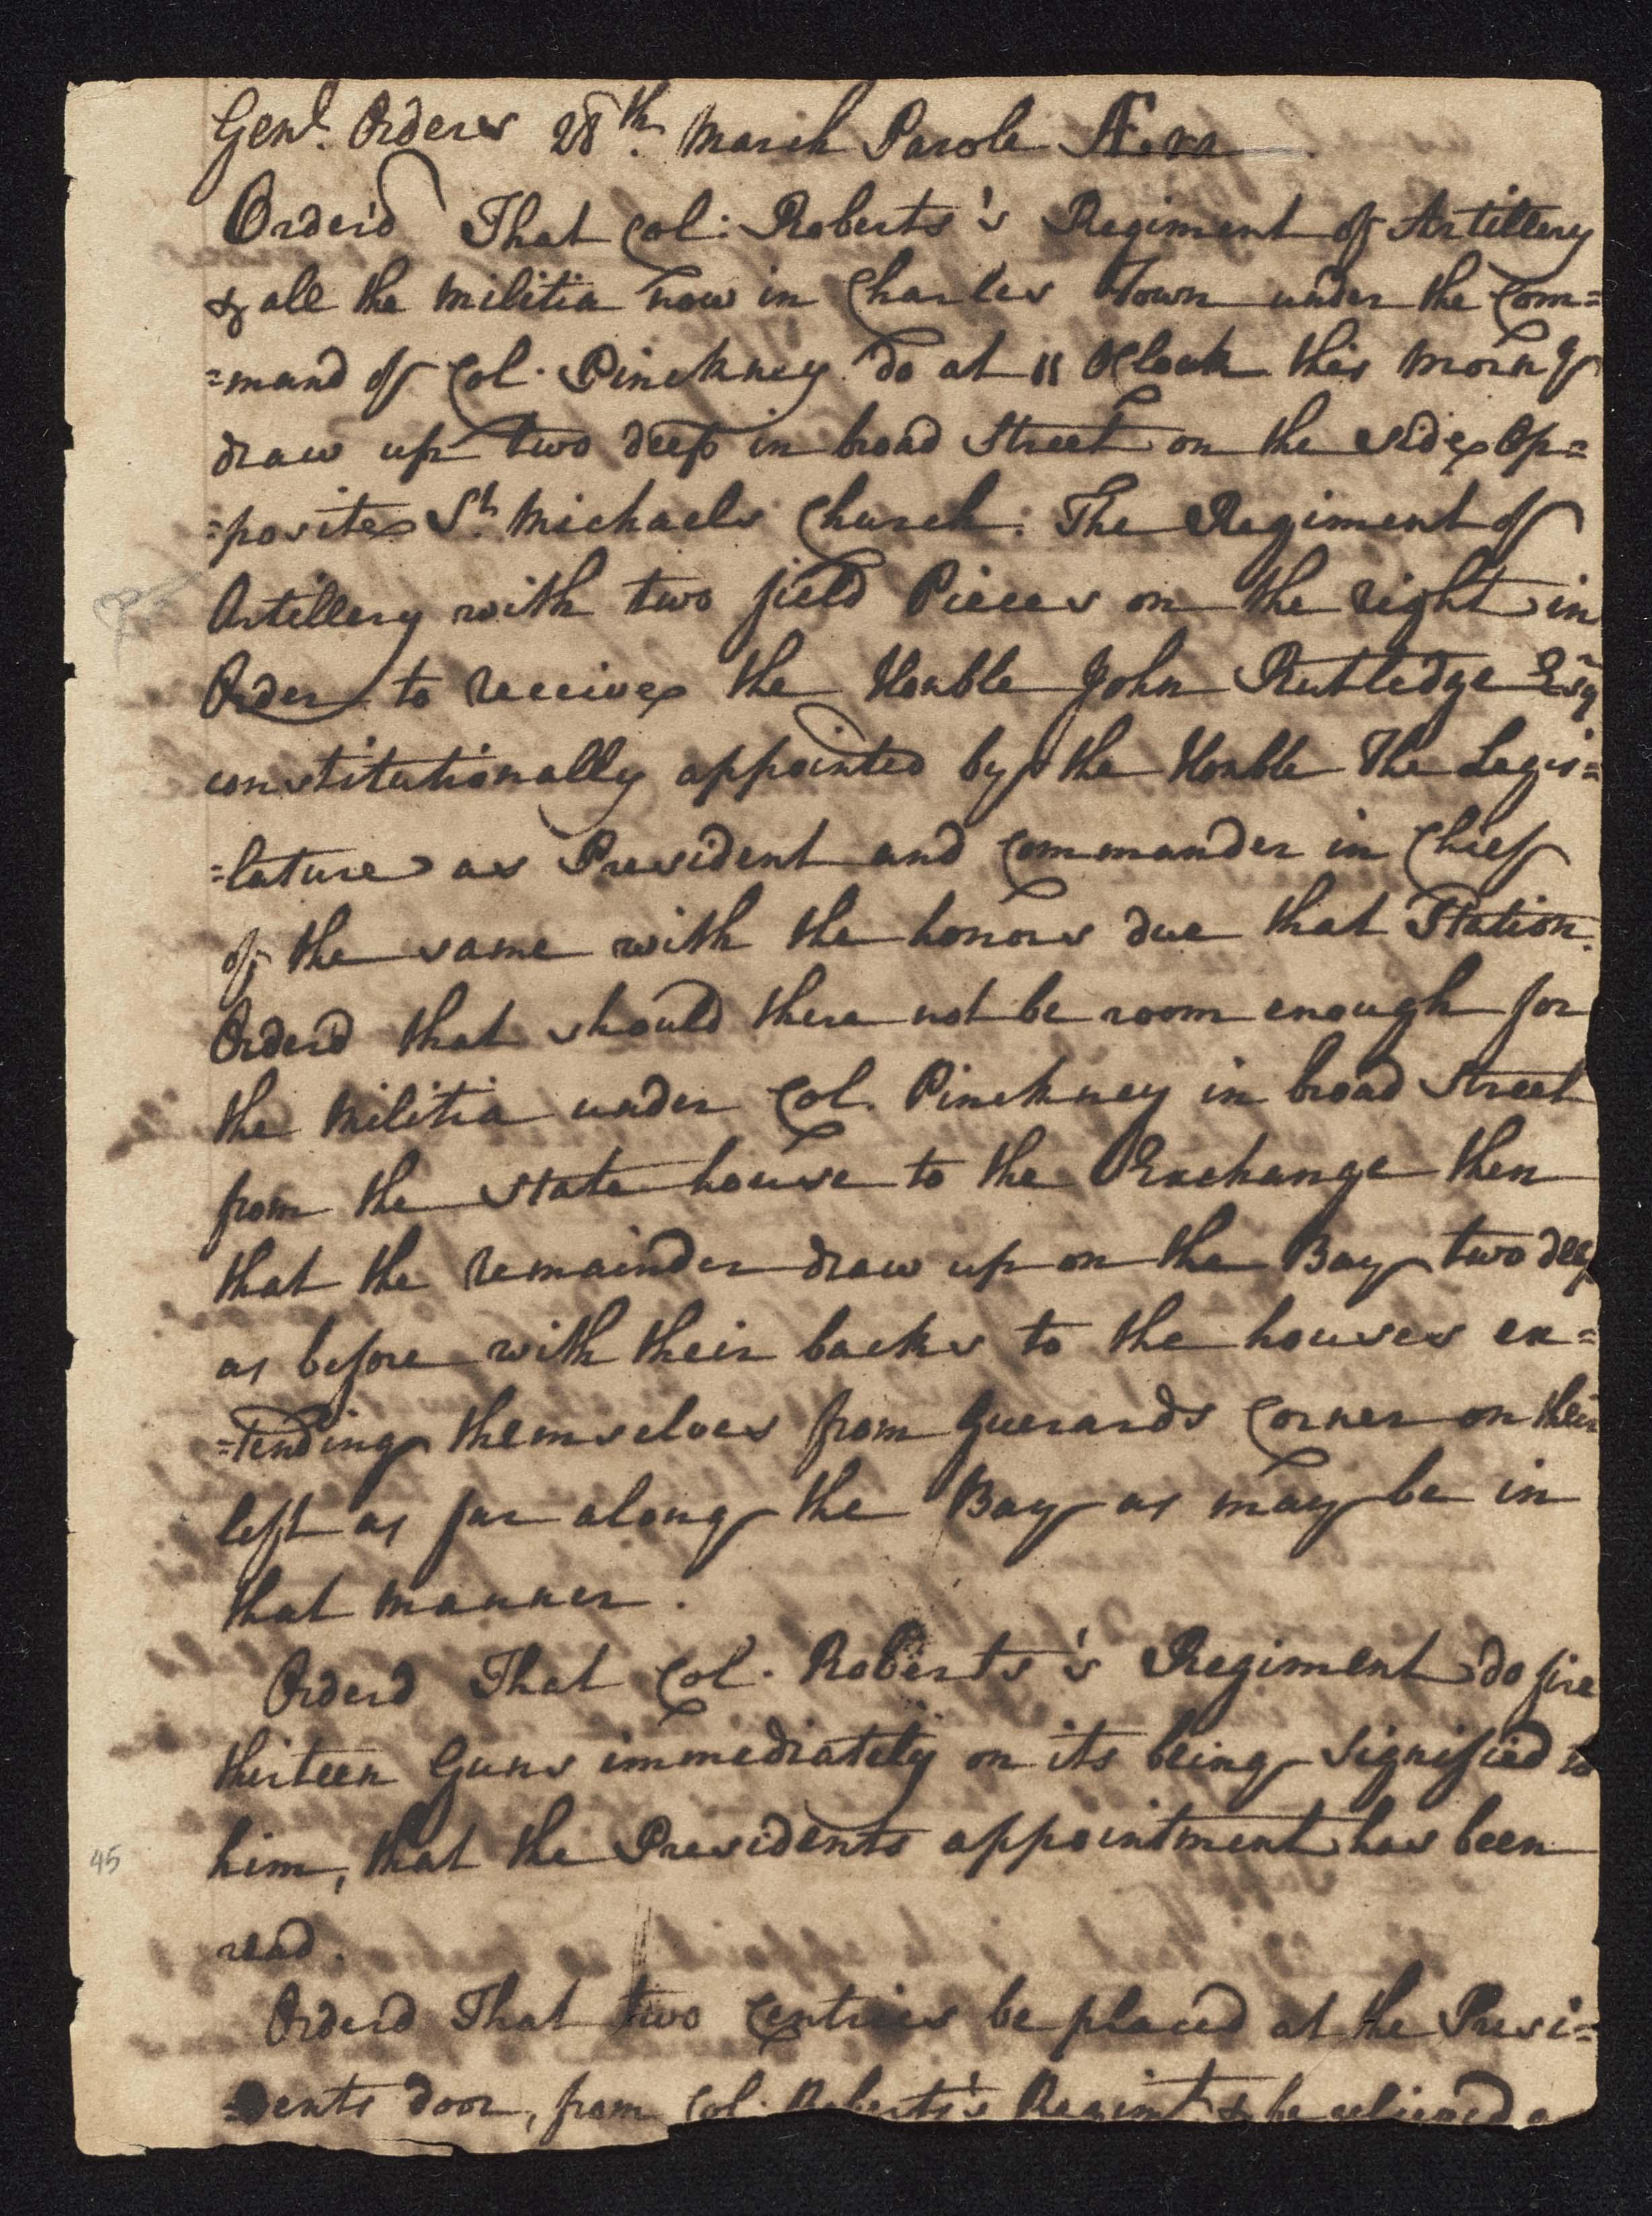 South Carolina Regiment Order Book, Page 89